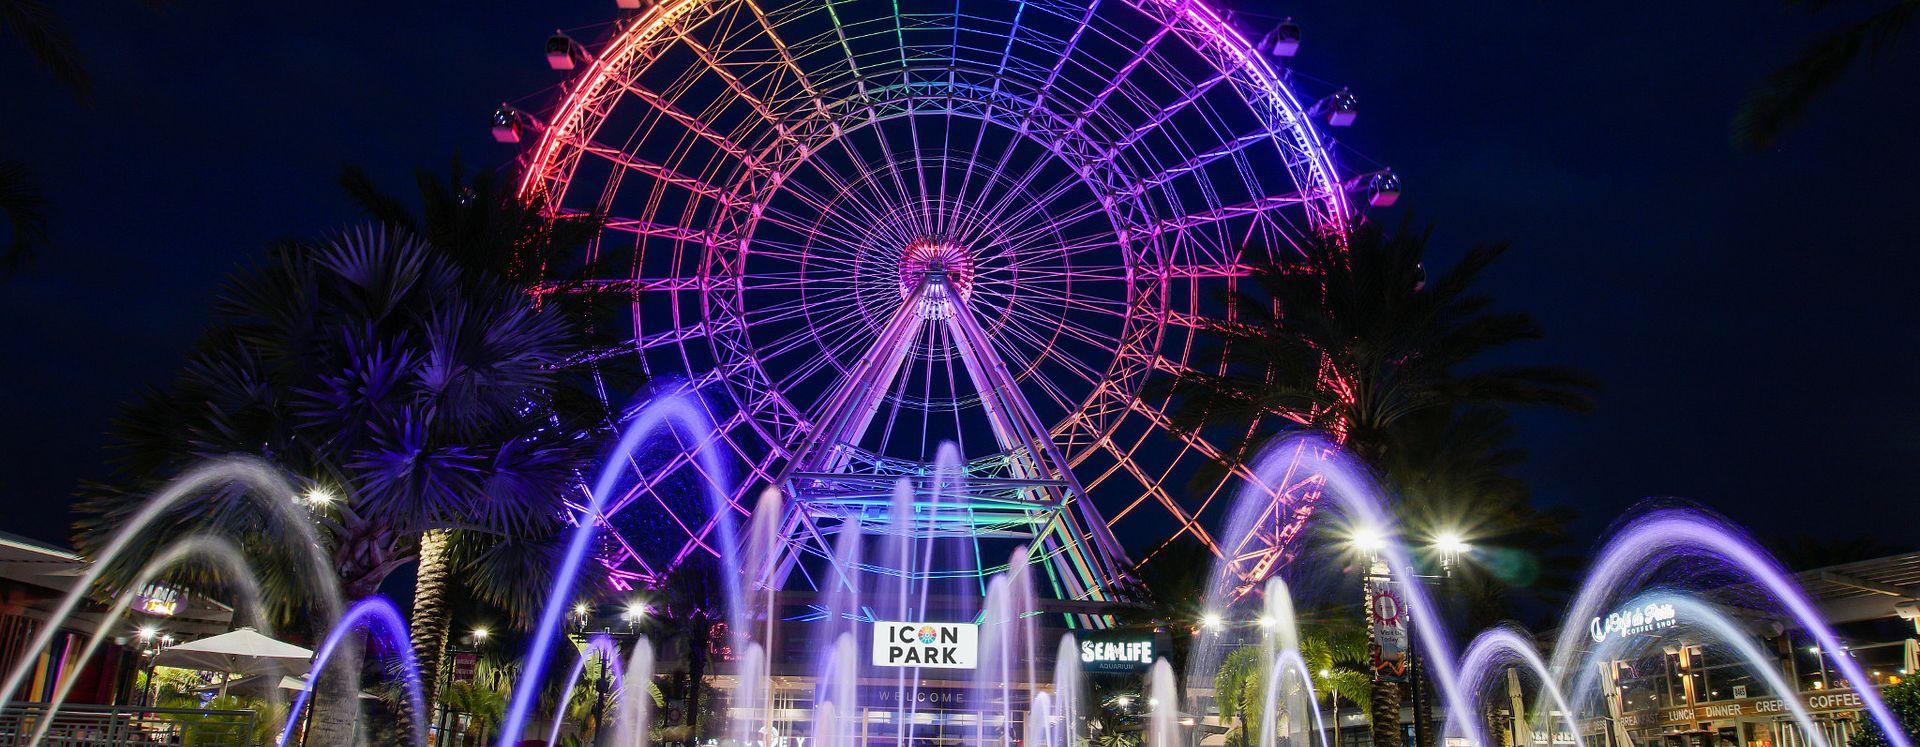 La colorida rueda de fortuna, conocido como The Wheel at ICON Park ilumina el cielo de noche, con fuentes de agua en segundo plano